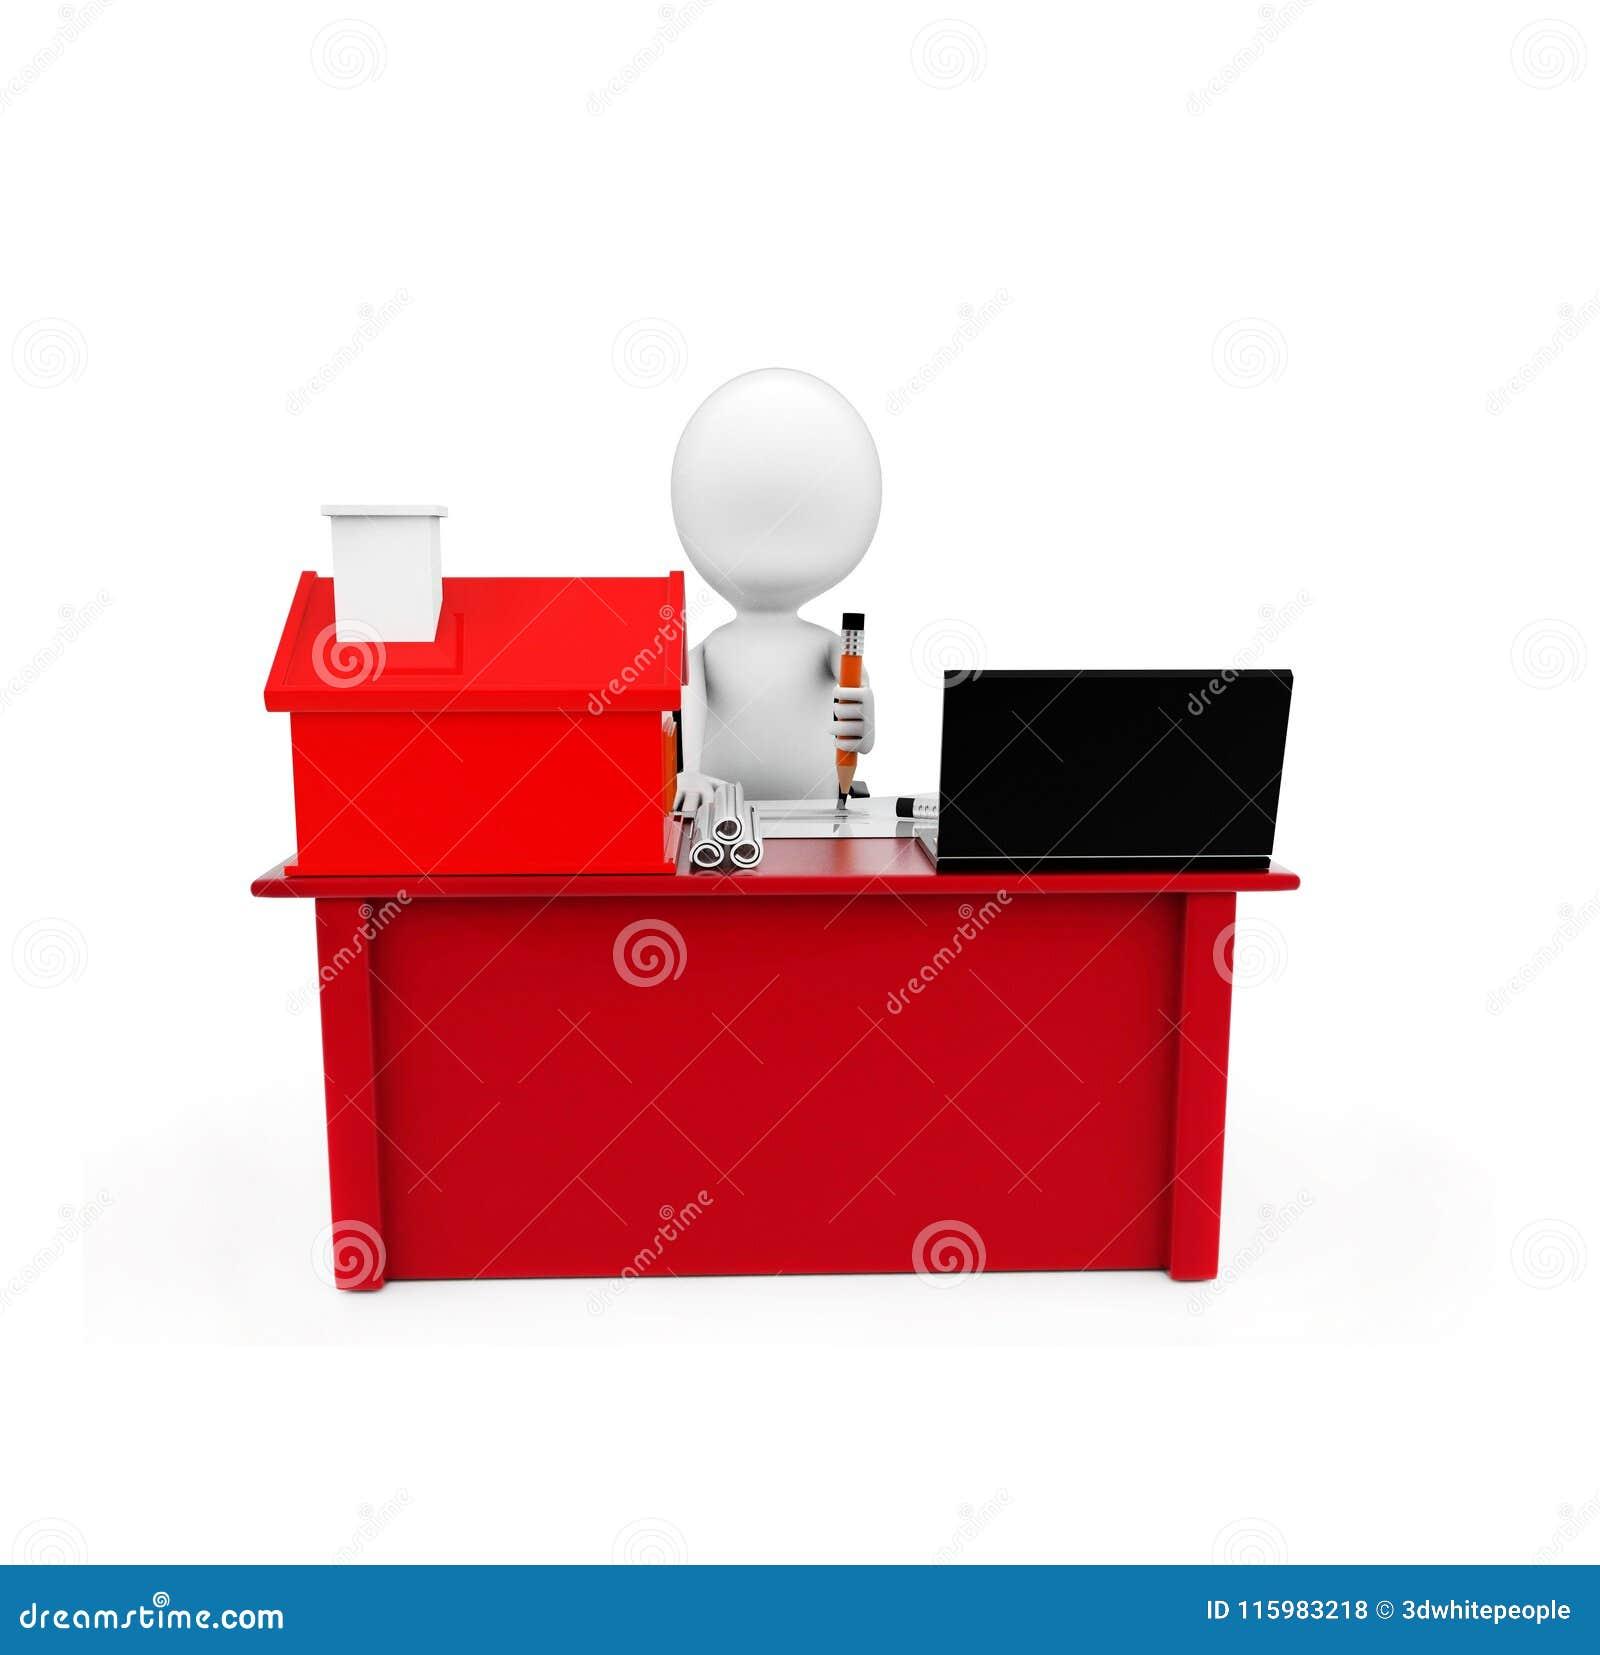 τρισδιάστατο άτομο που επισύρει την προσοχή σε χαρτί για ένα γραφείο με το μικρό πρότυπο του σπιτιού και